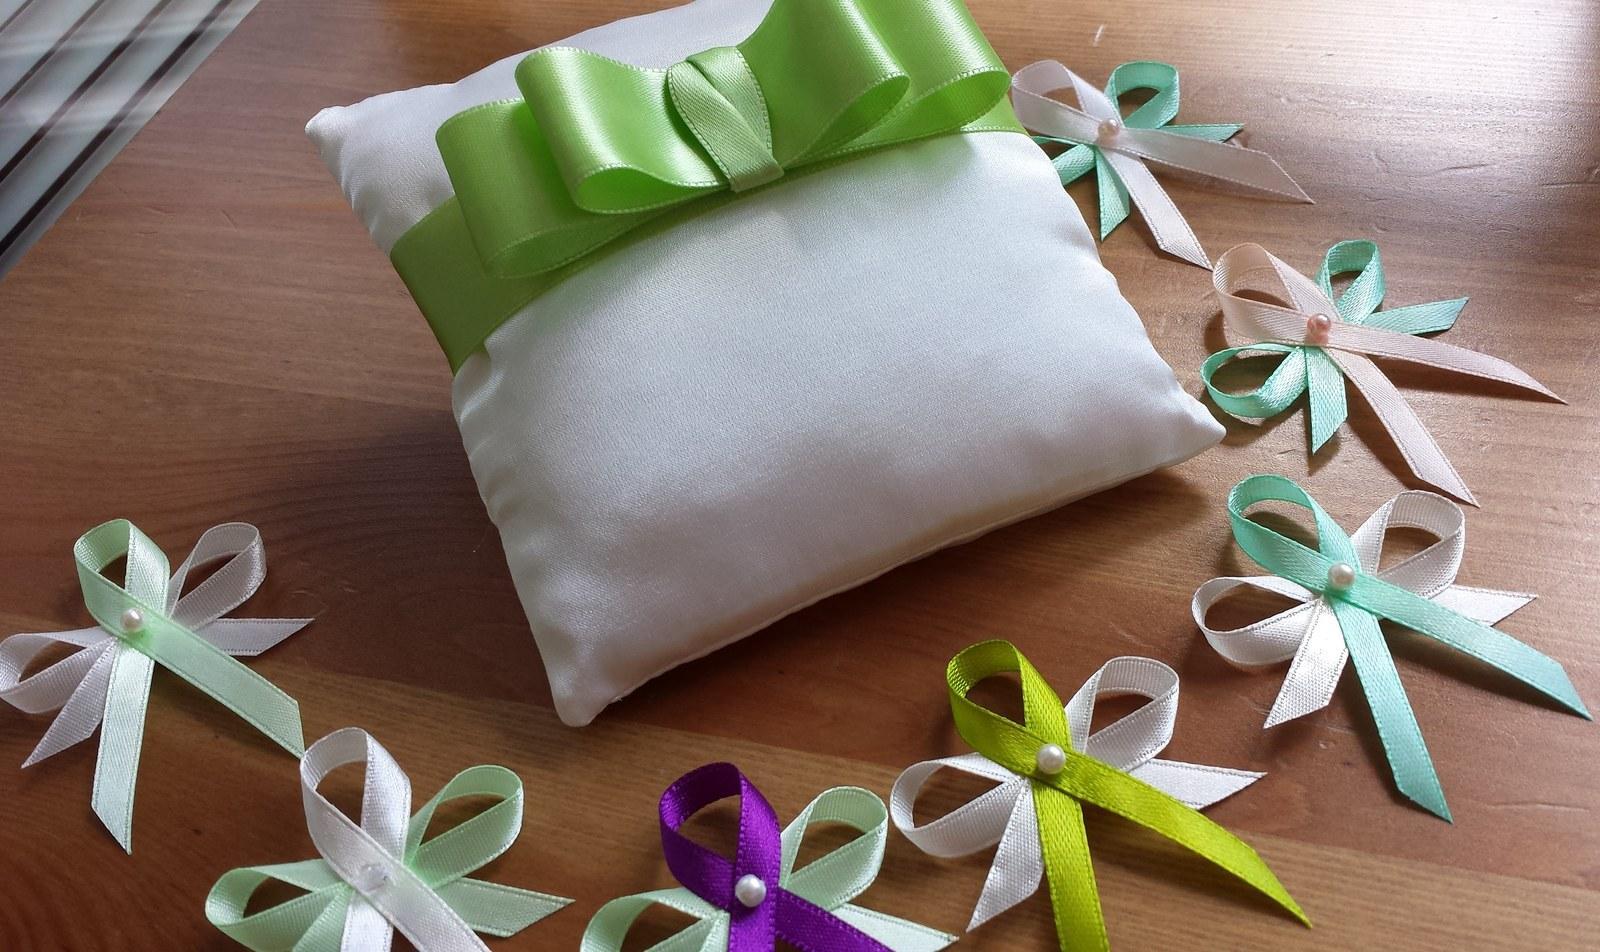 Bílý polštářek pod prstýnky se zelenou mašličkou - Obrázek č. 2